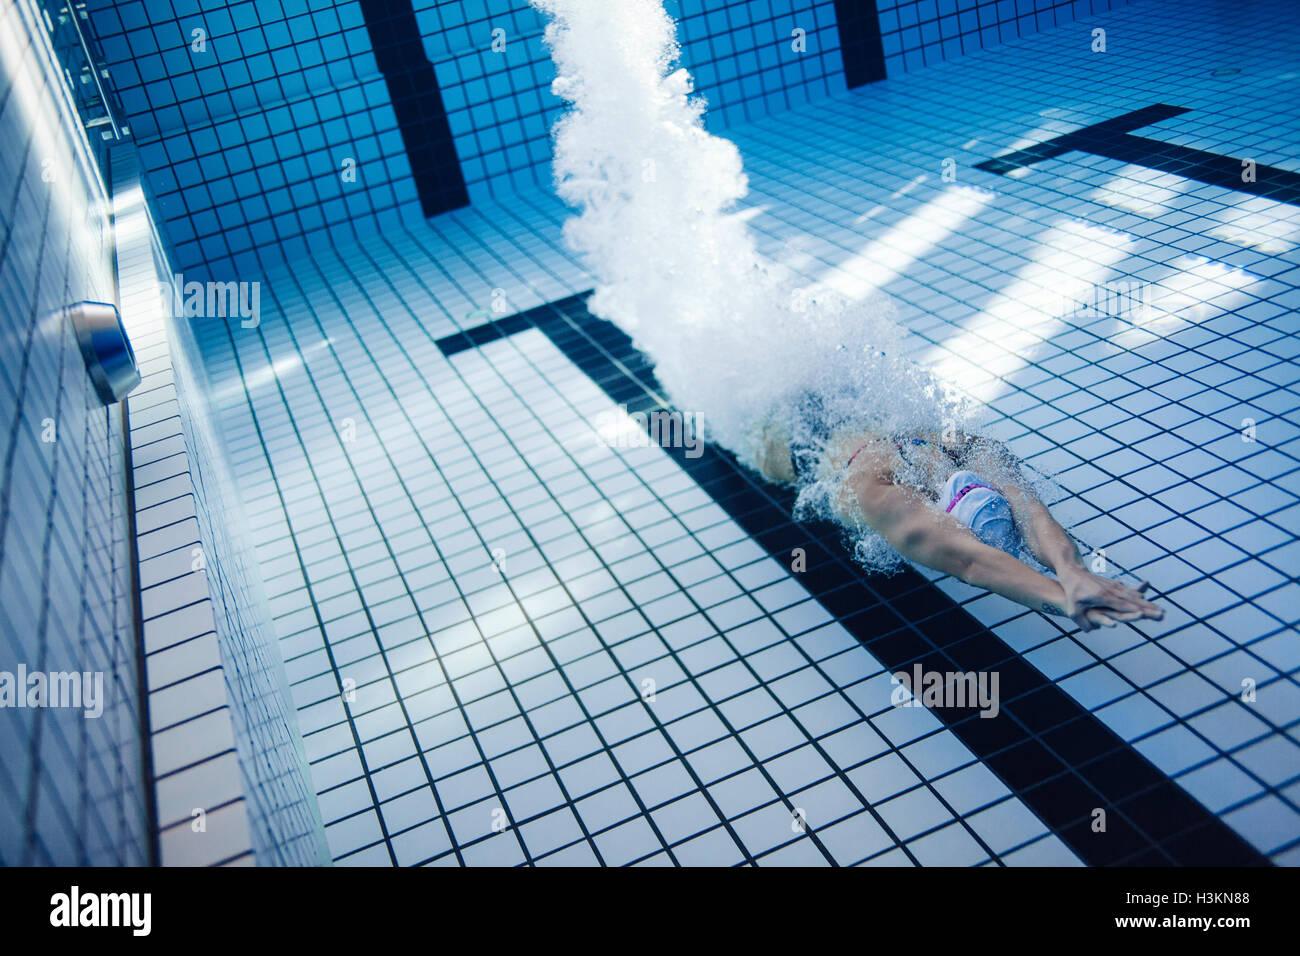 Filmación subacuática del nadador femenino natación piscina interior. Colocar joven nadador que entrena Imagen De Stock